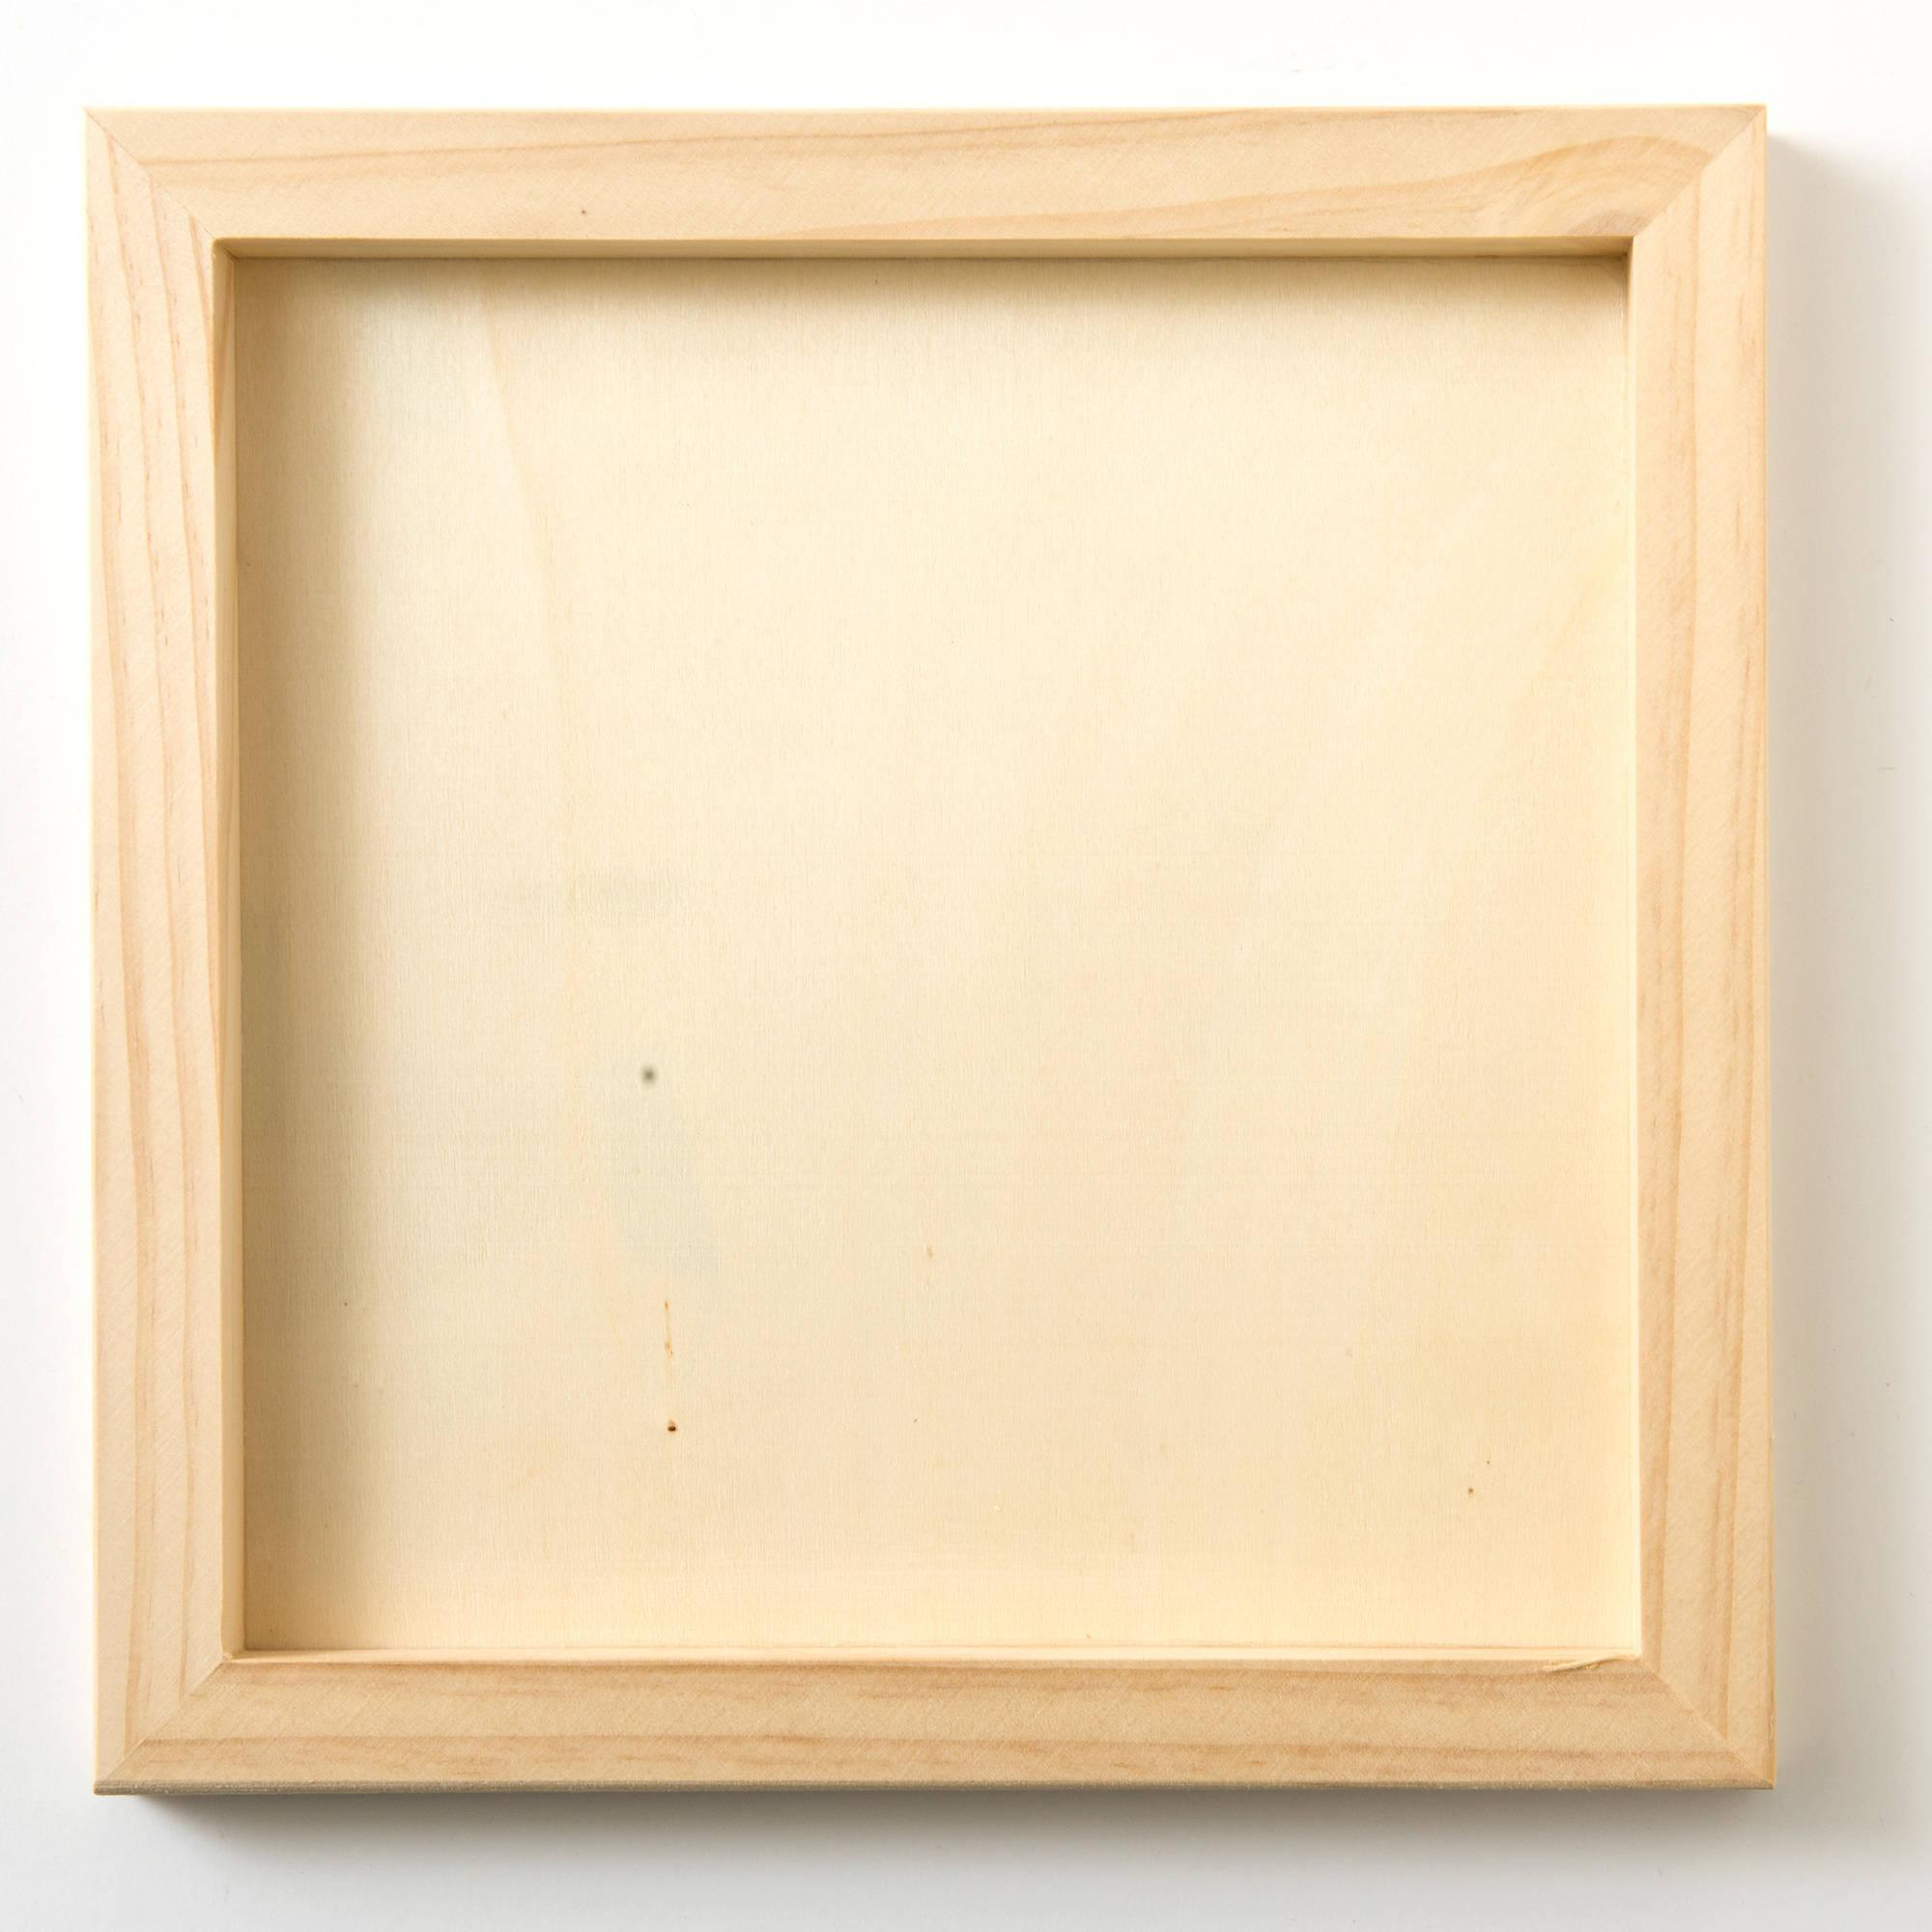 Plaid Wood Surfaces, Canvas Panel, size: 10